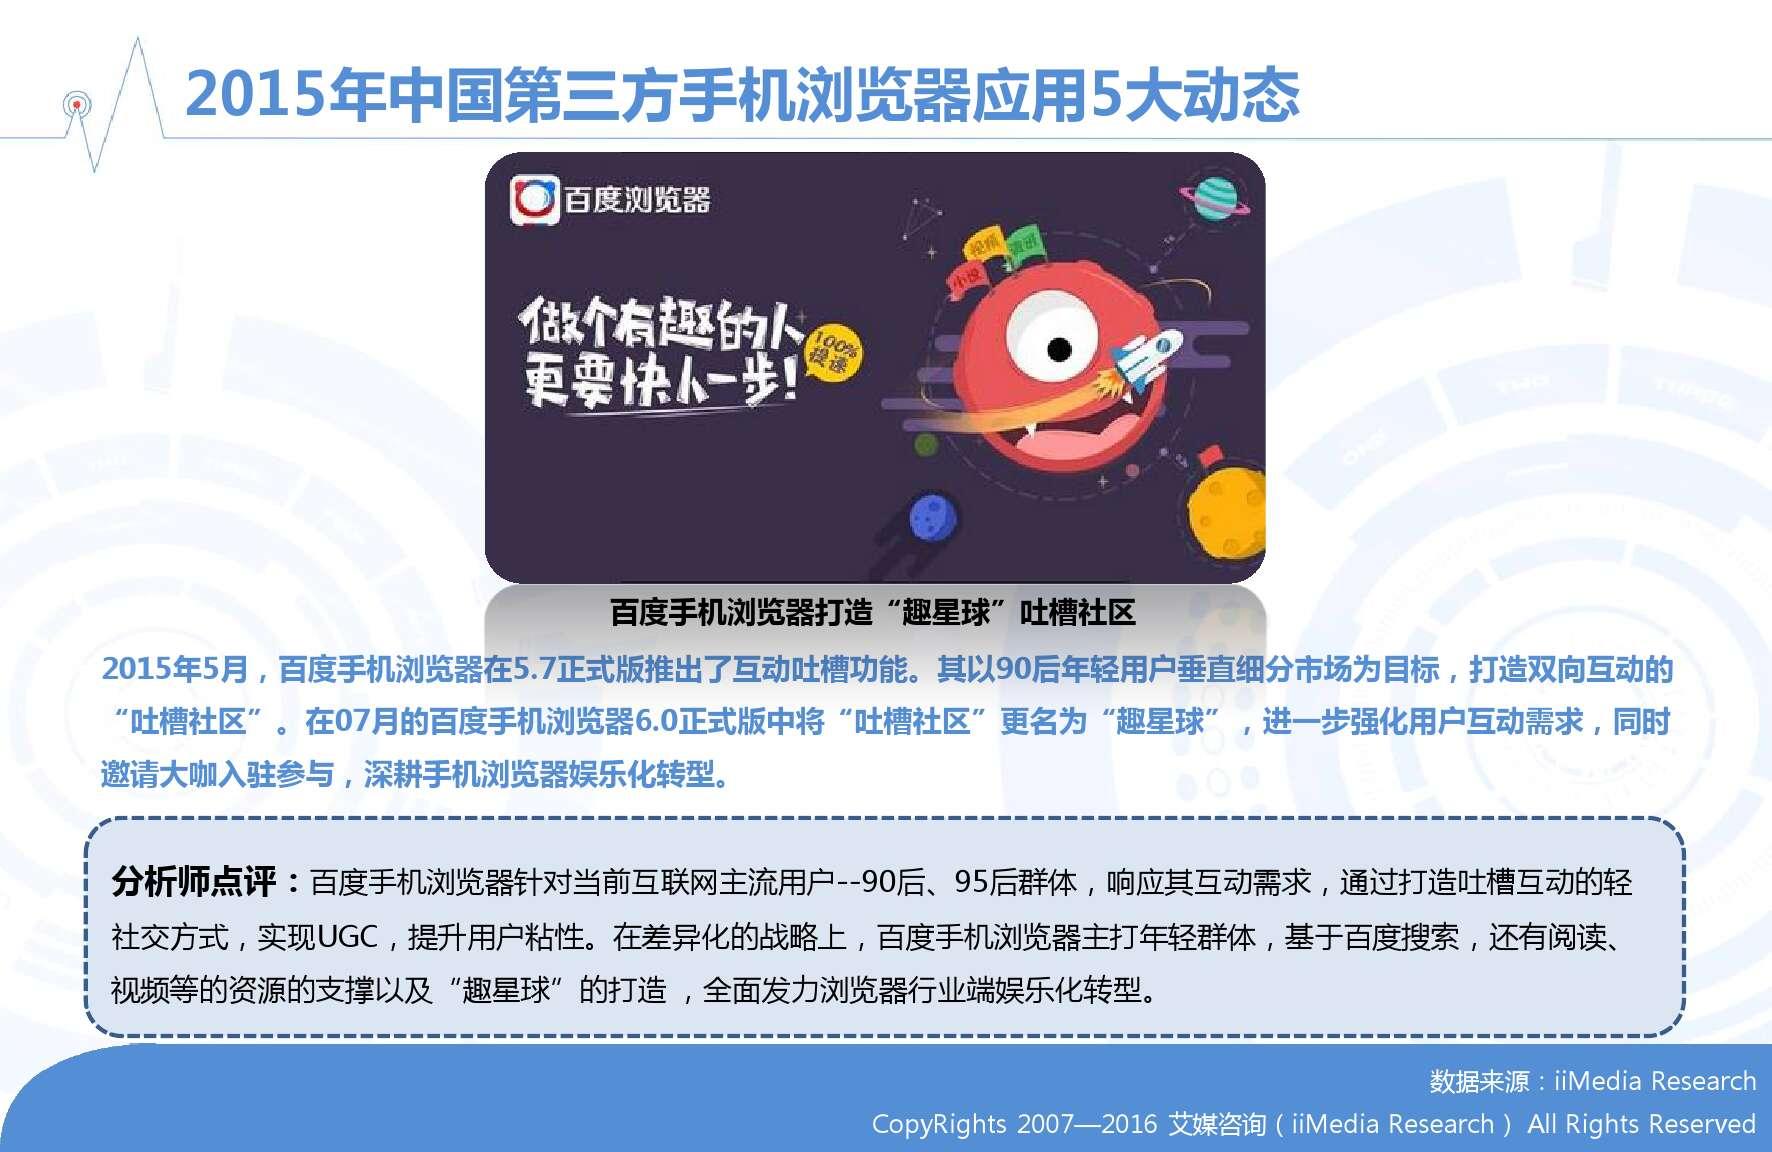 艾媒咨询:2015-2016年中国手机浏览器市场研究报告_000007